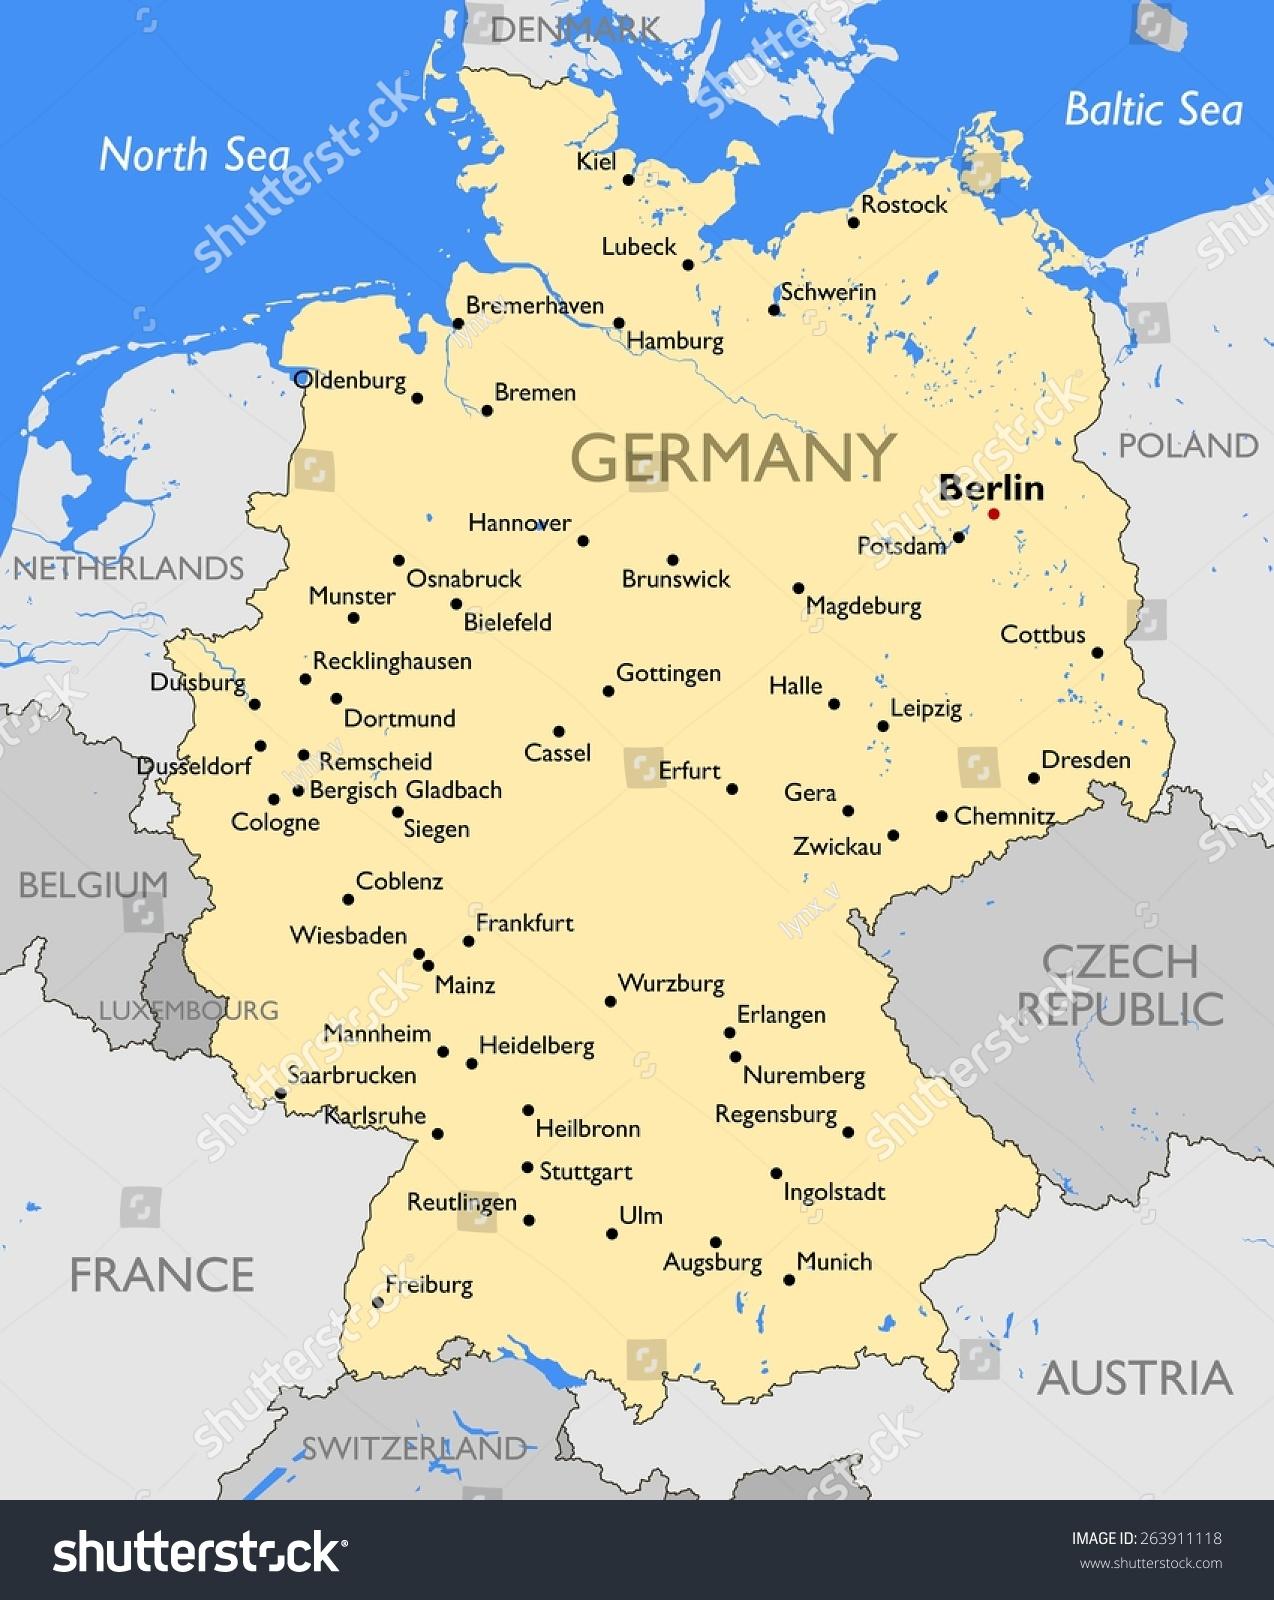 德国地图-背景/素材-海洛创意(hellorf)-shutterstock